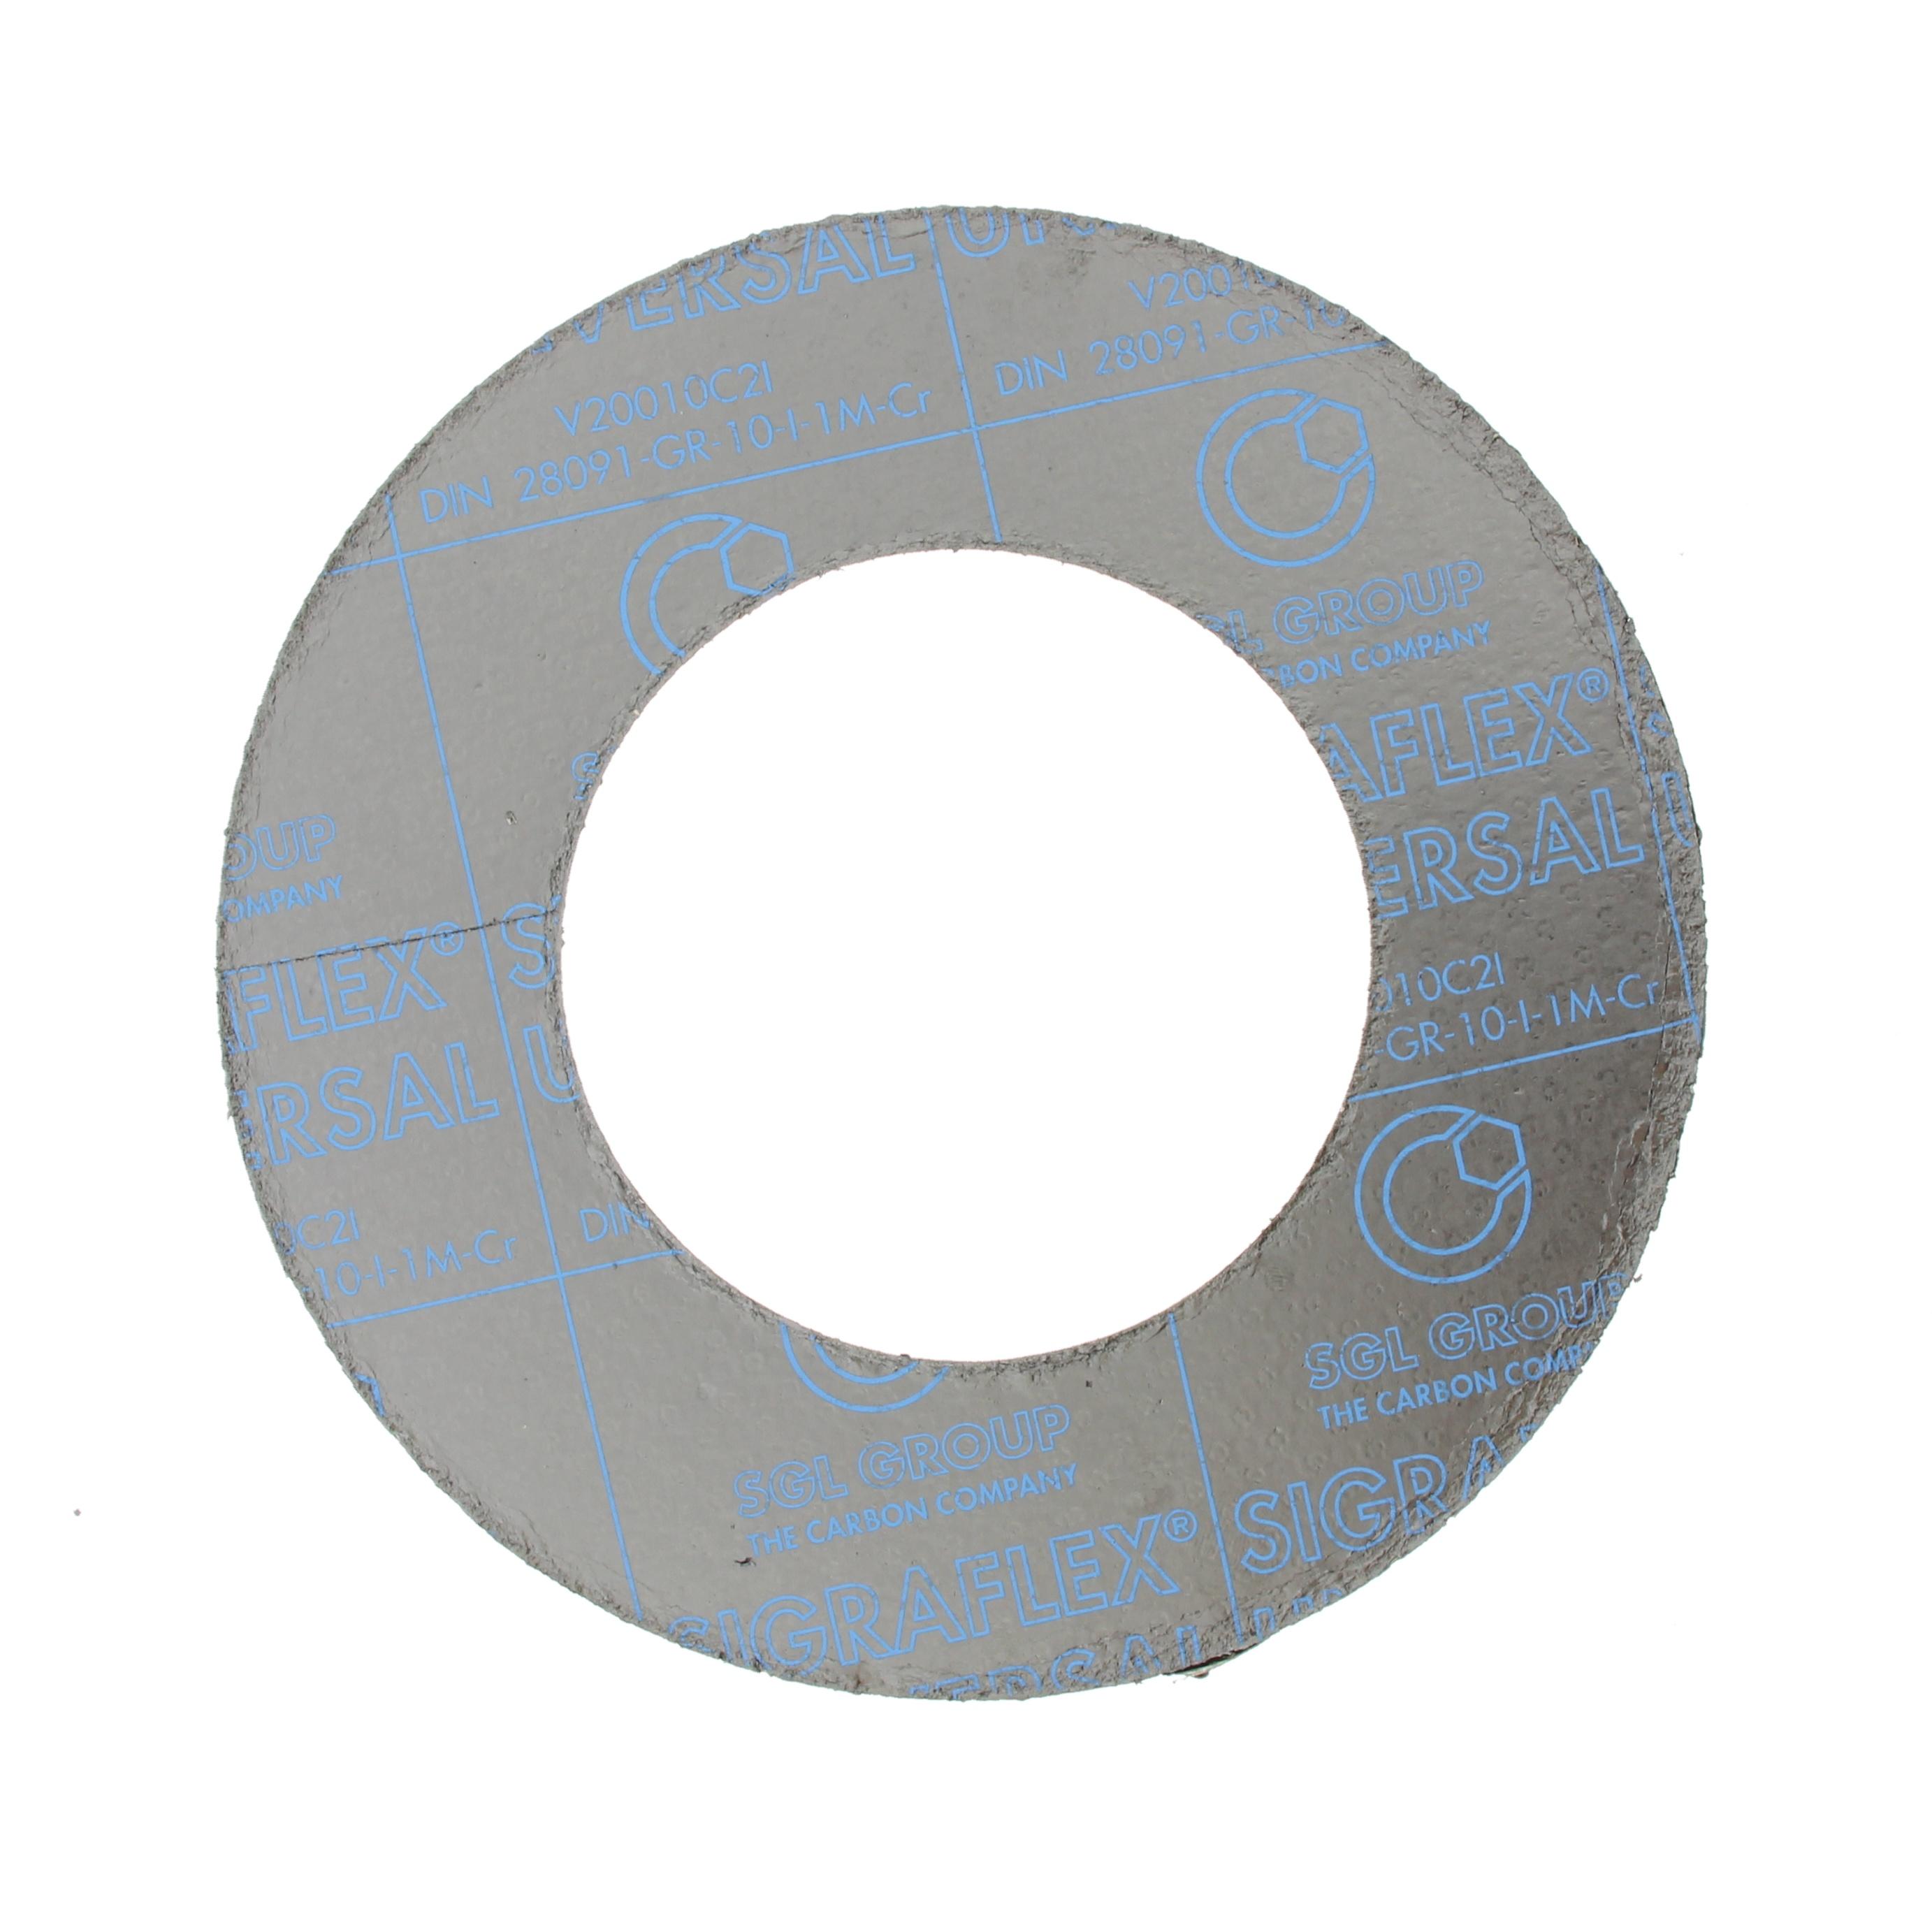 Прокладка графитовая  (90) д/опок СФ 80 мм INDUTHERM 14310022